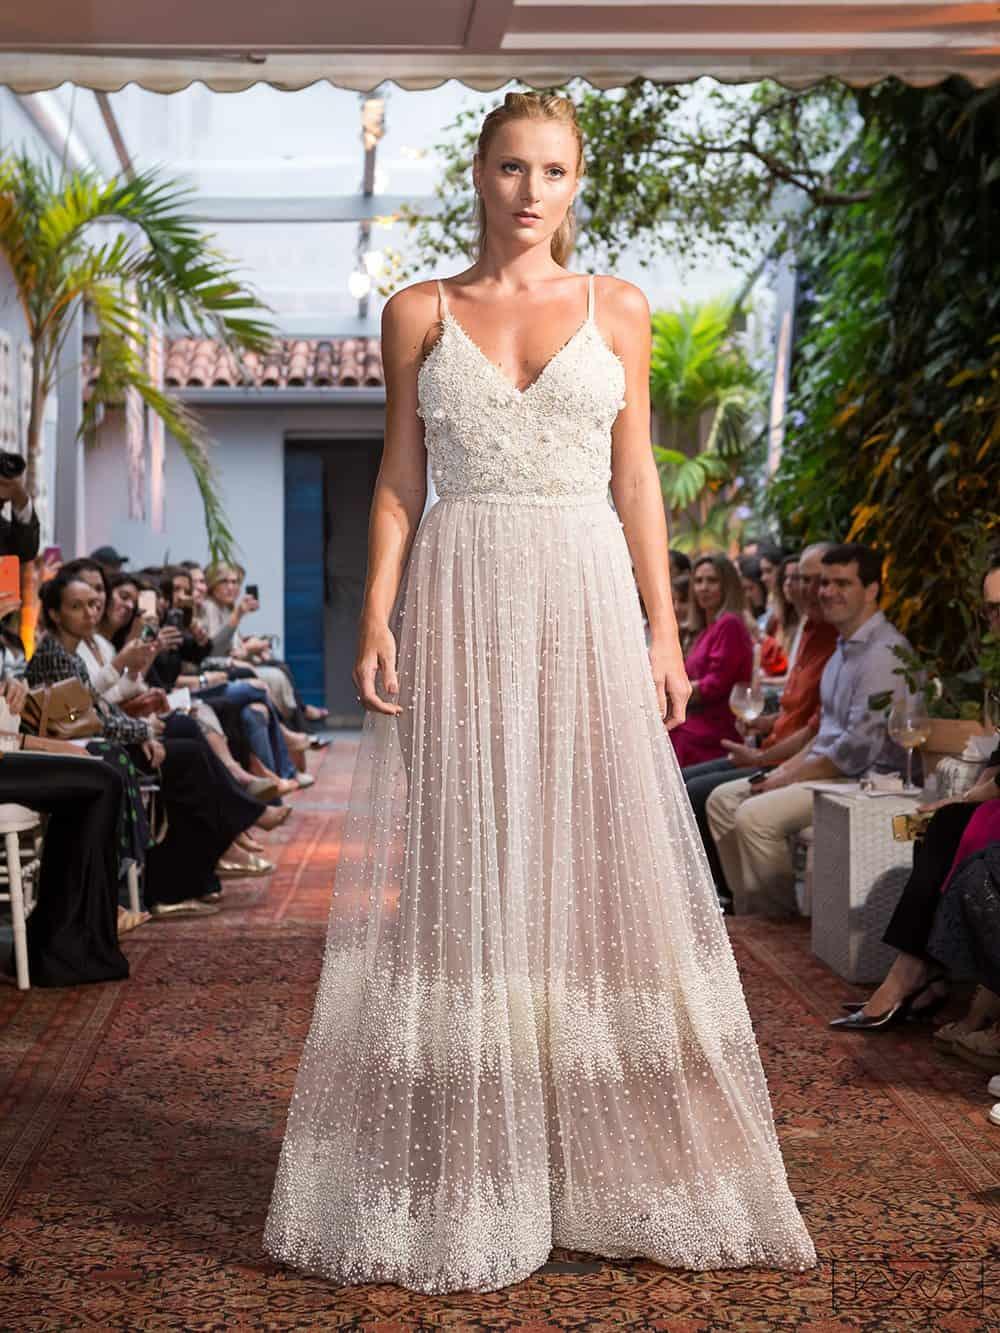 desfile-vestido-de-noiva-entardecer-julia-golldenzon-foto-kyra-mirsky-98